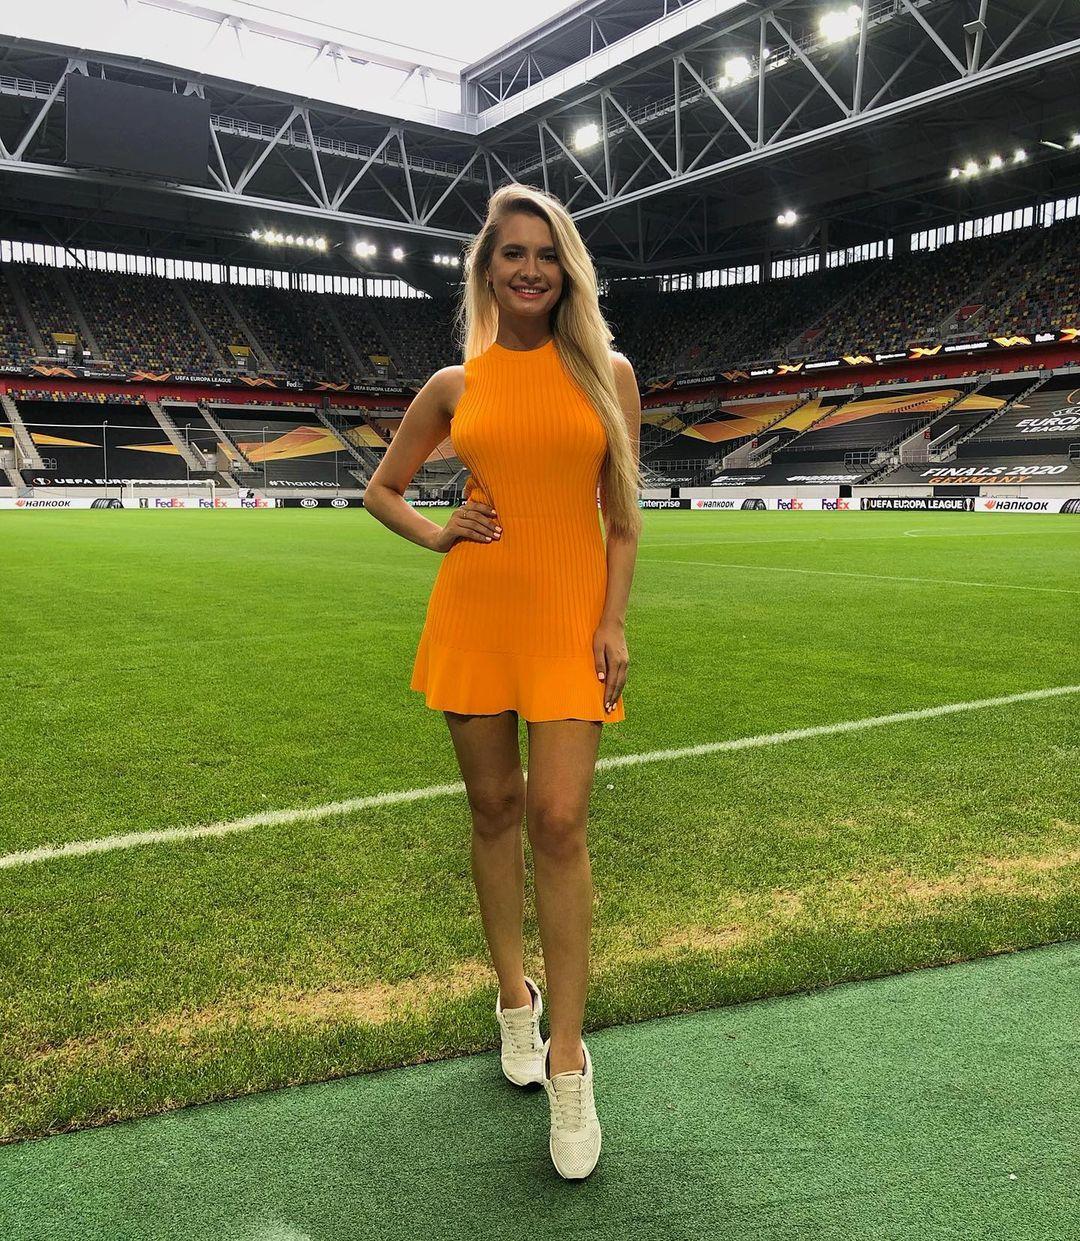 Ольга Каленчук – ведущая клубного канала «Шахтера». Ей восхищаются итальянские болельщики и сравнивают ее с Дилеттой Леоттой